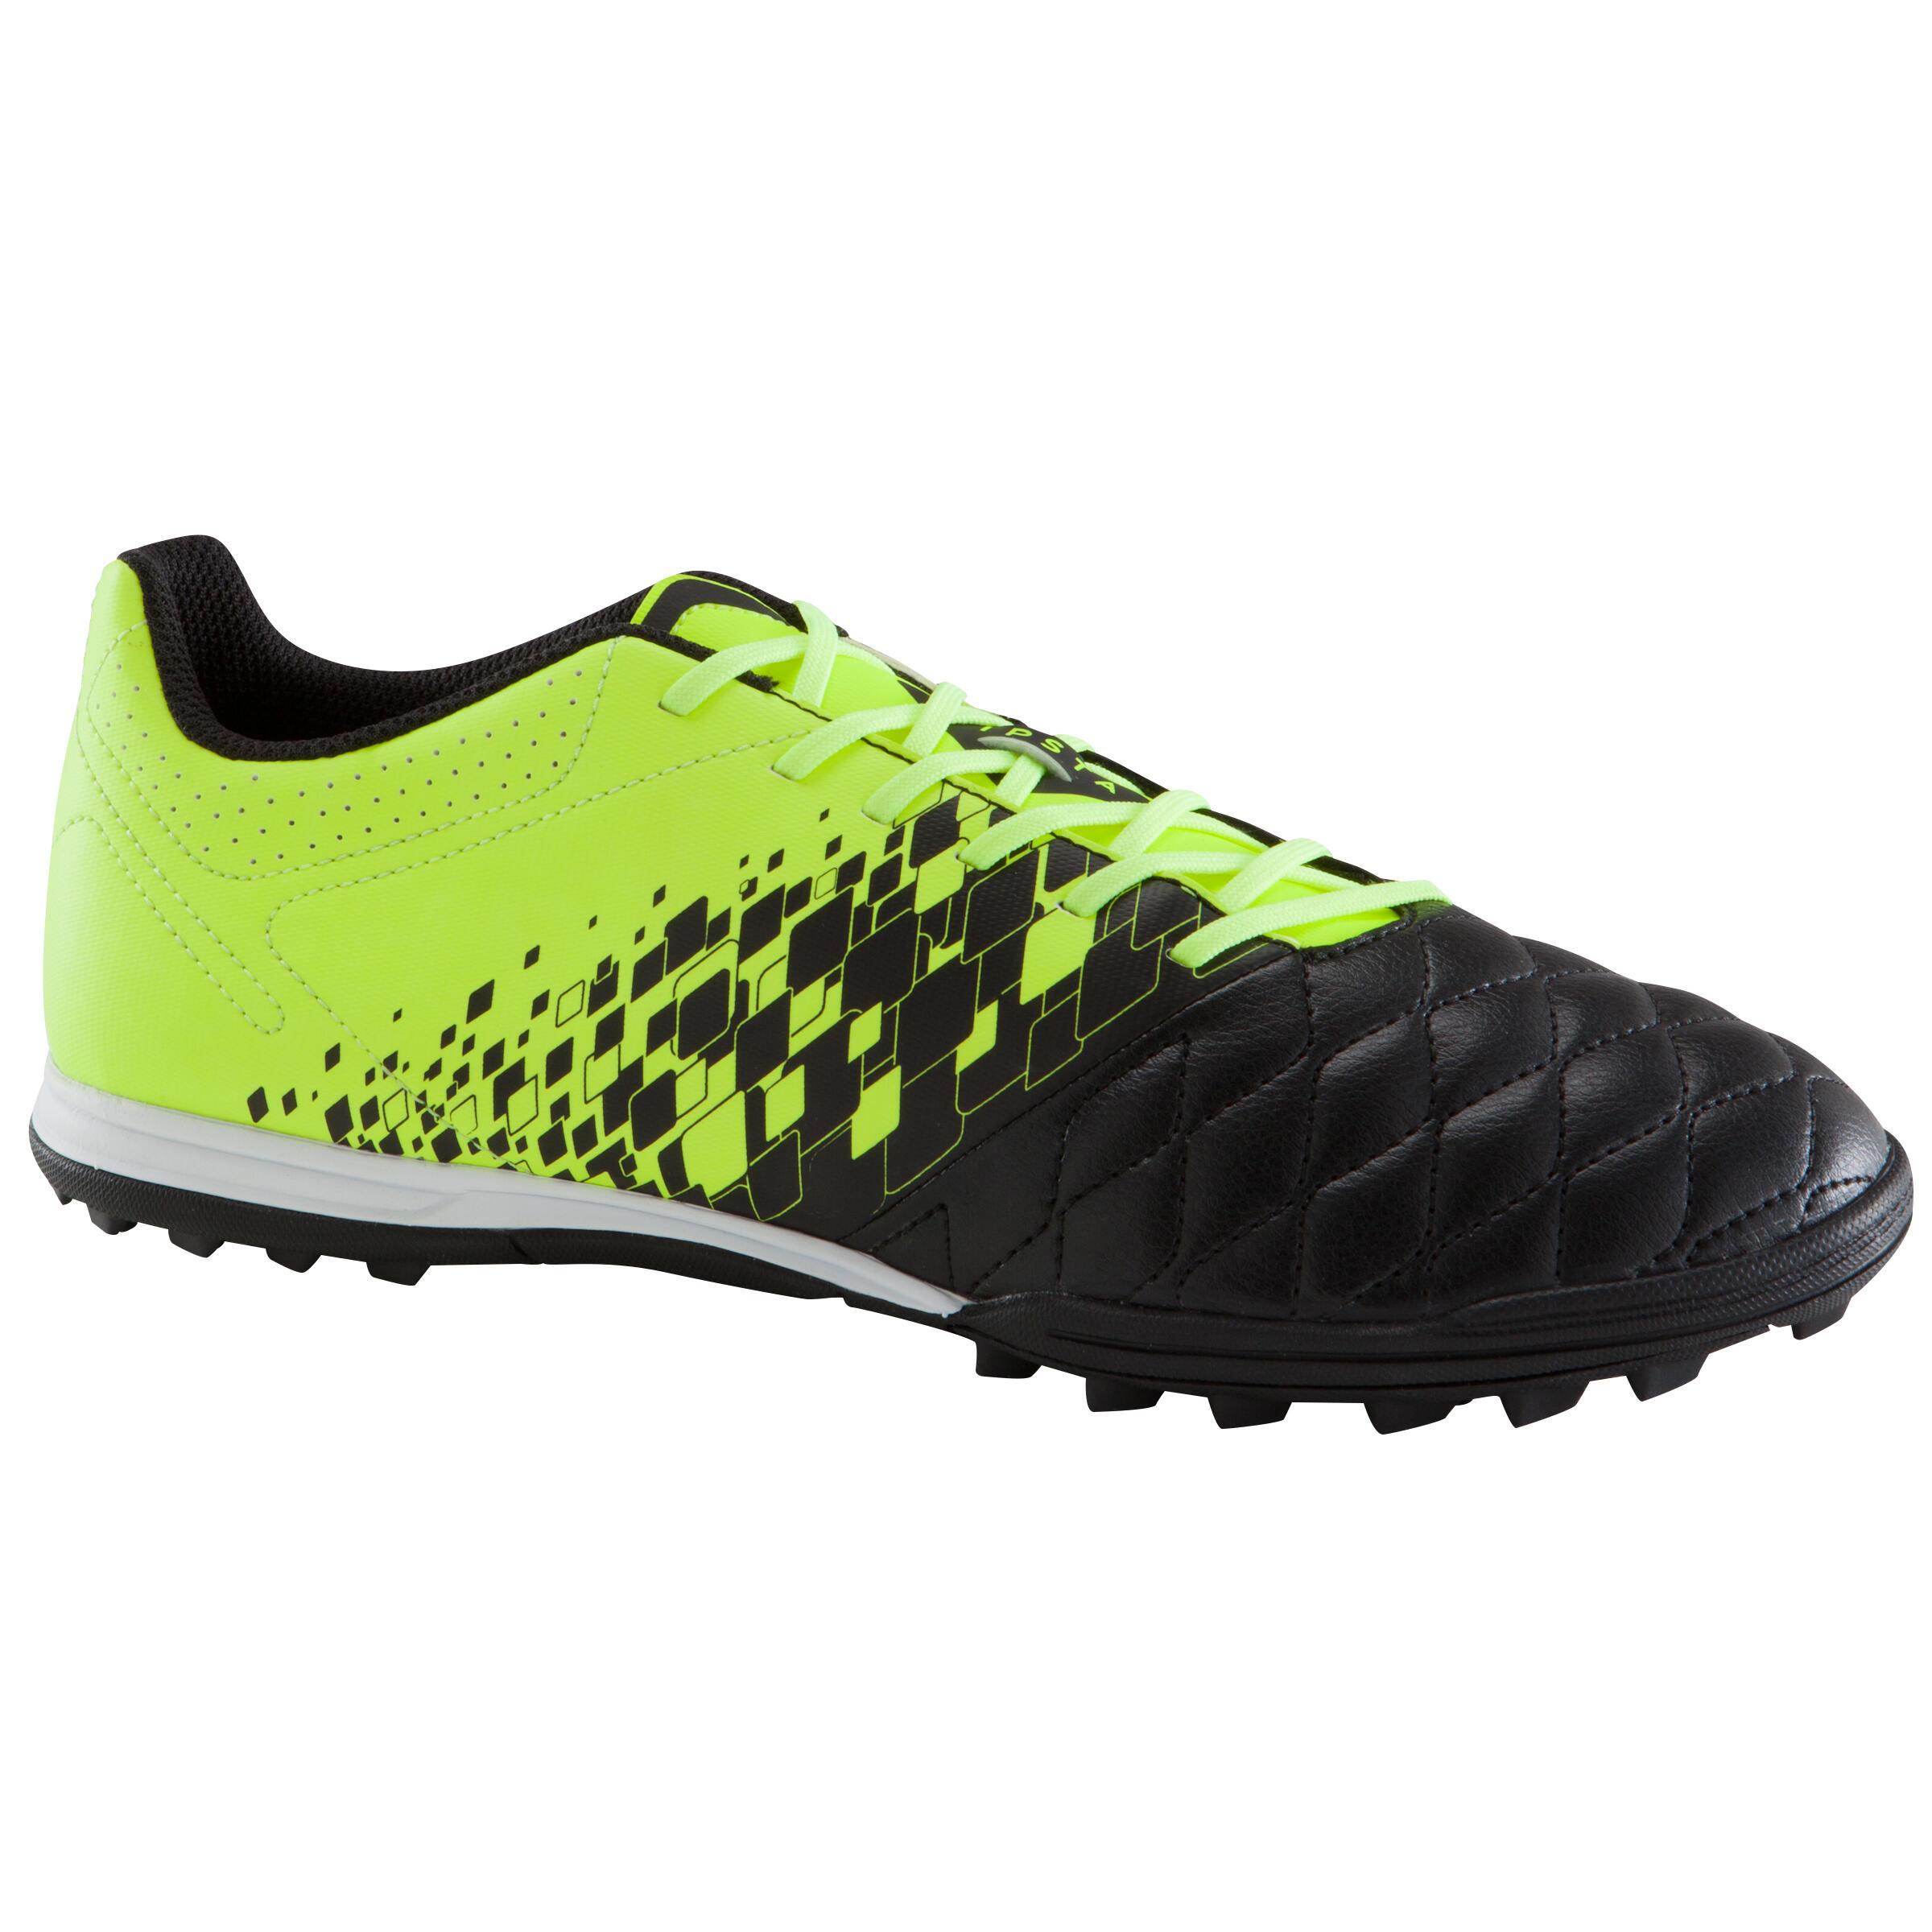 Chaussure de soccer adulte terrains durs Agility 500 HG noire jaune